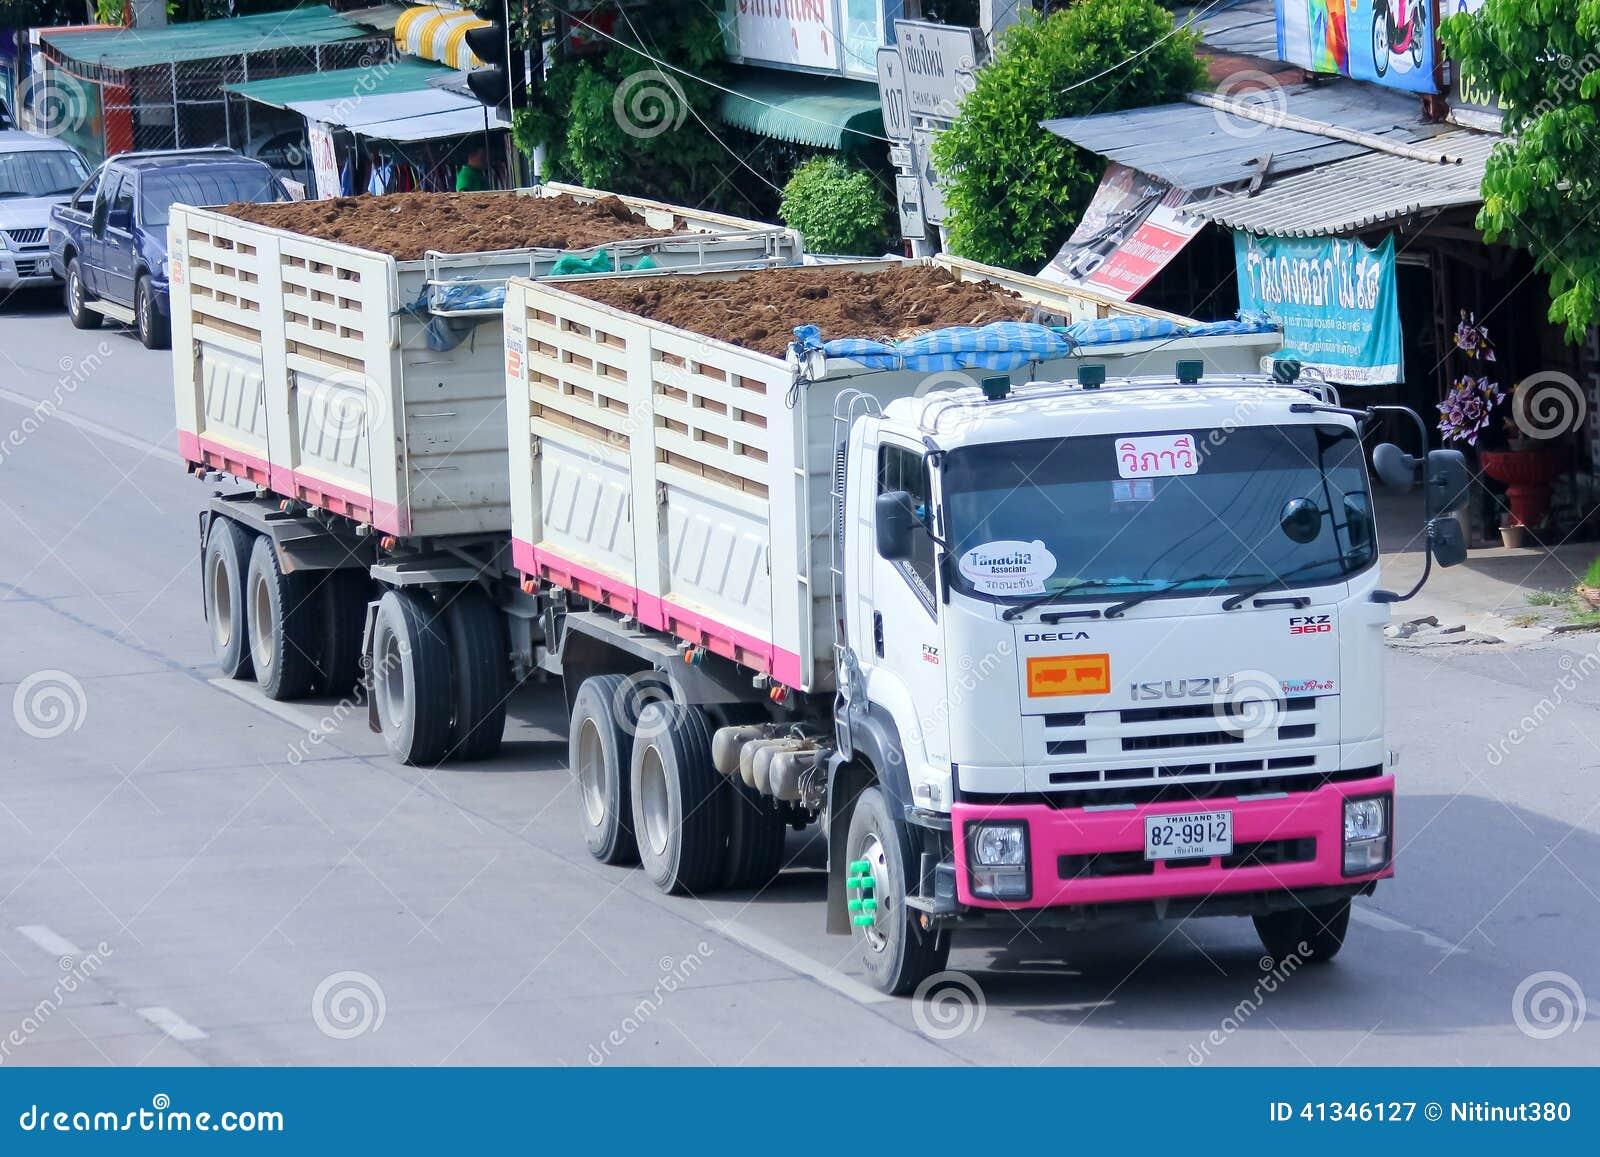 A Sample Dump Truck Business Plan Template